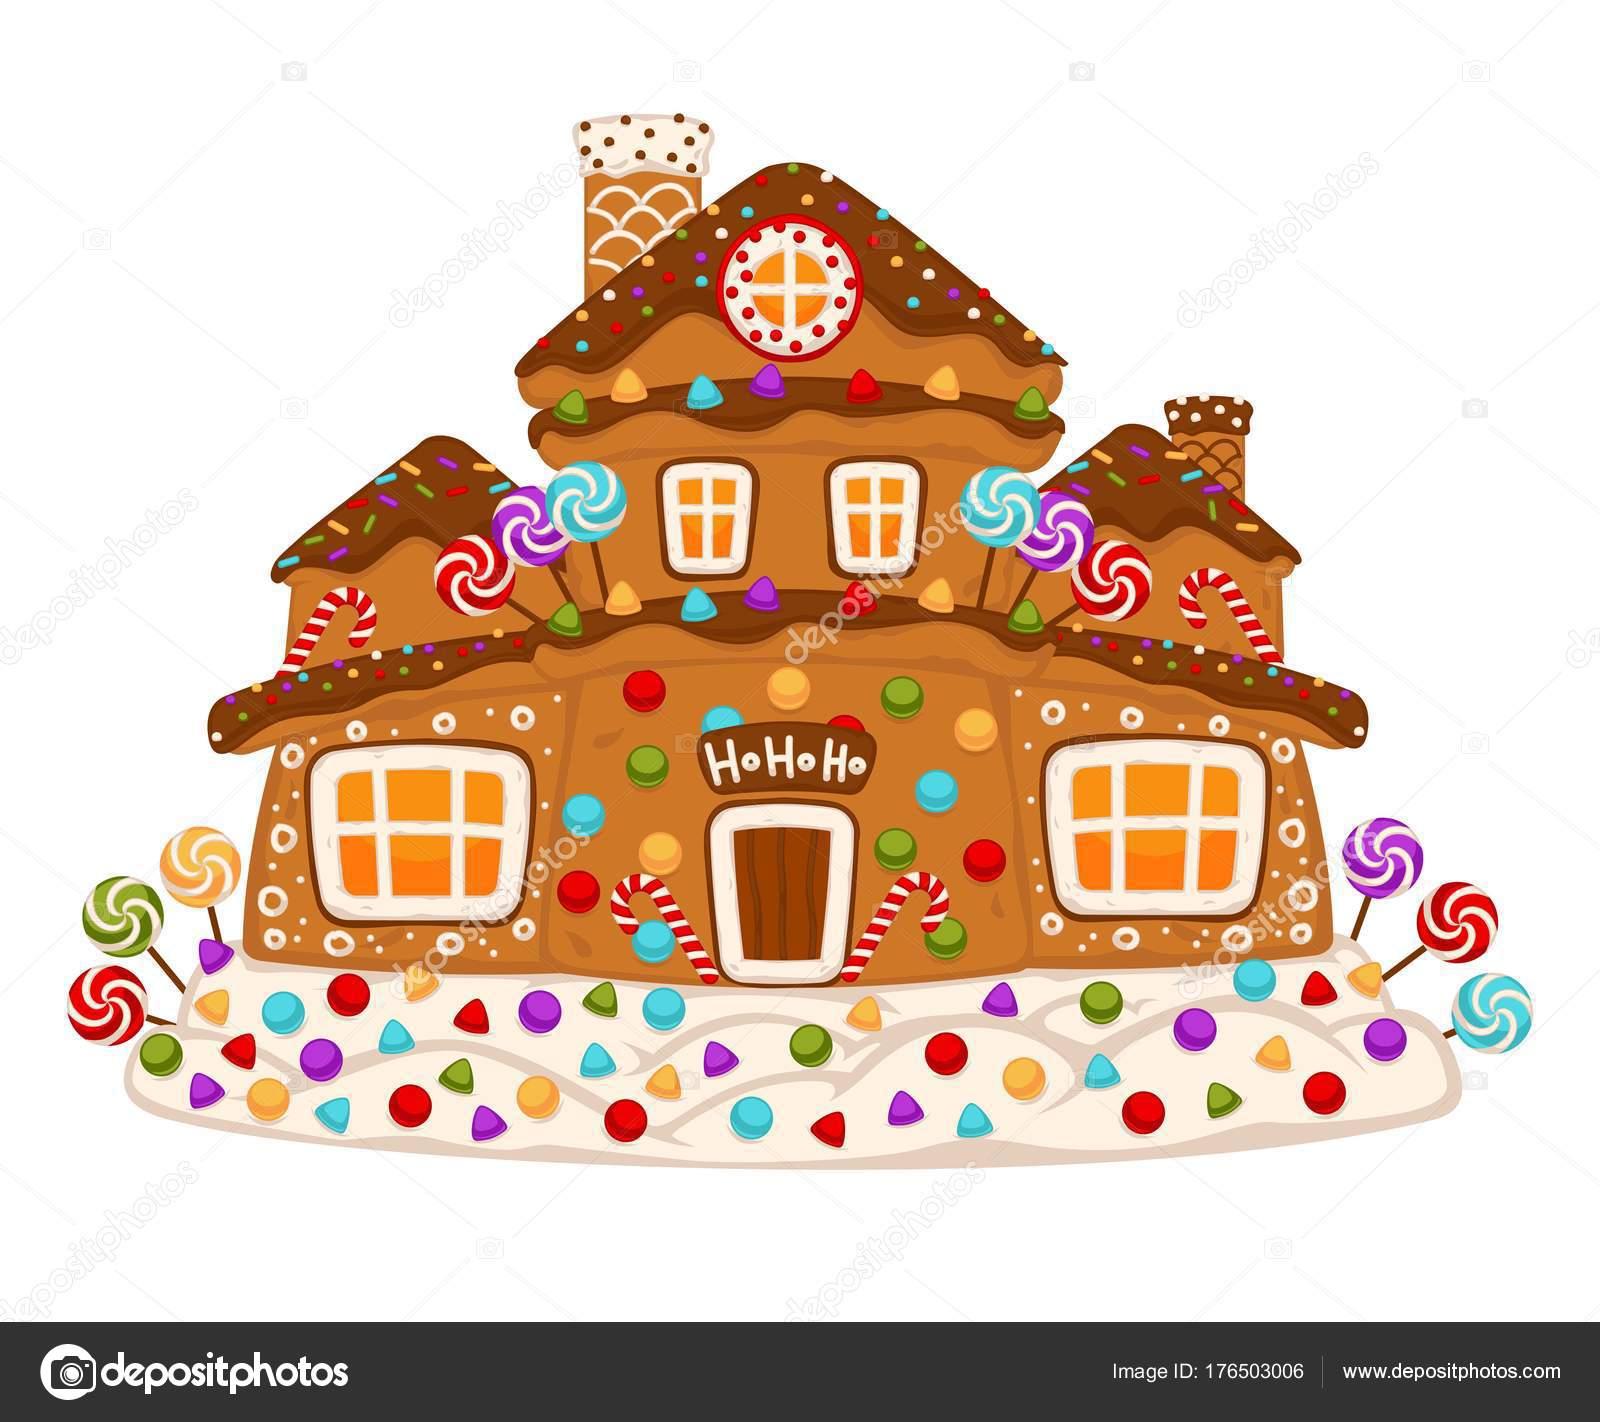 Imagenes De Galletas De Navidad Animadas.Imagenes Casas De Jengibre Animadas Casa Galleta Jengibre